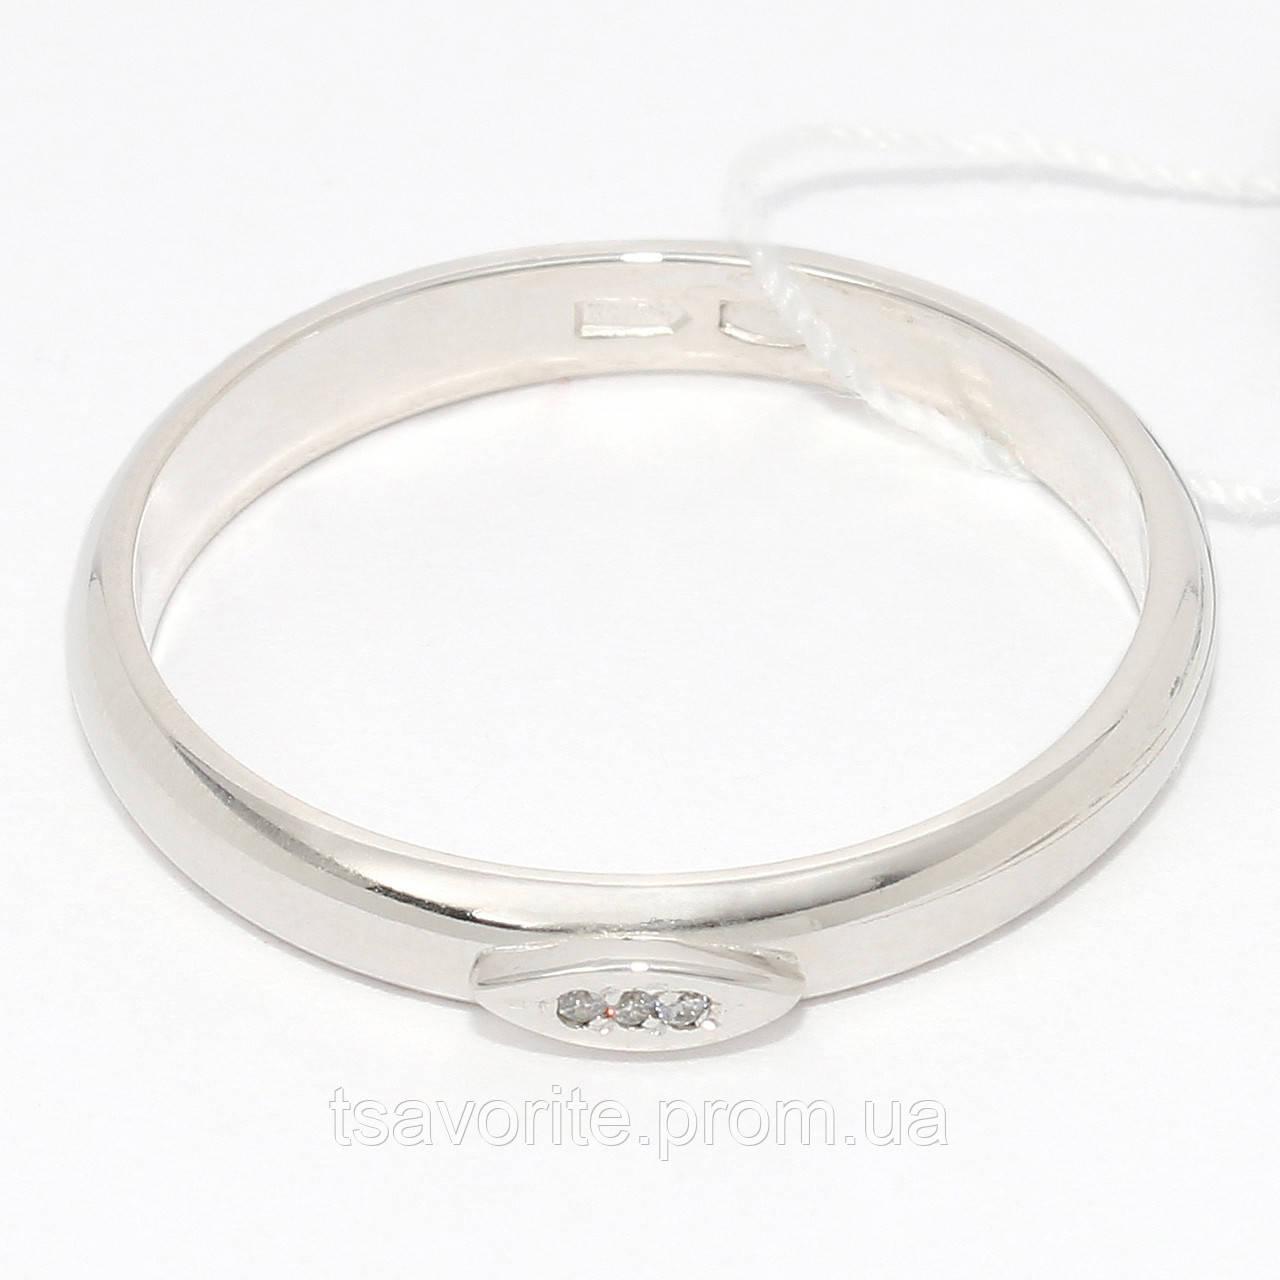 Серебряное обручальное кольцо КЖХ-3